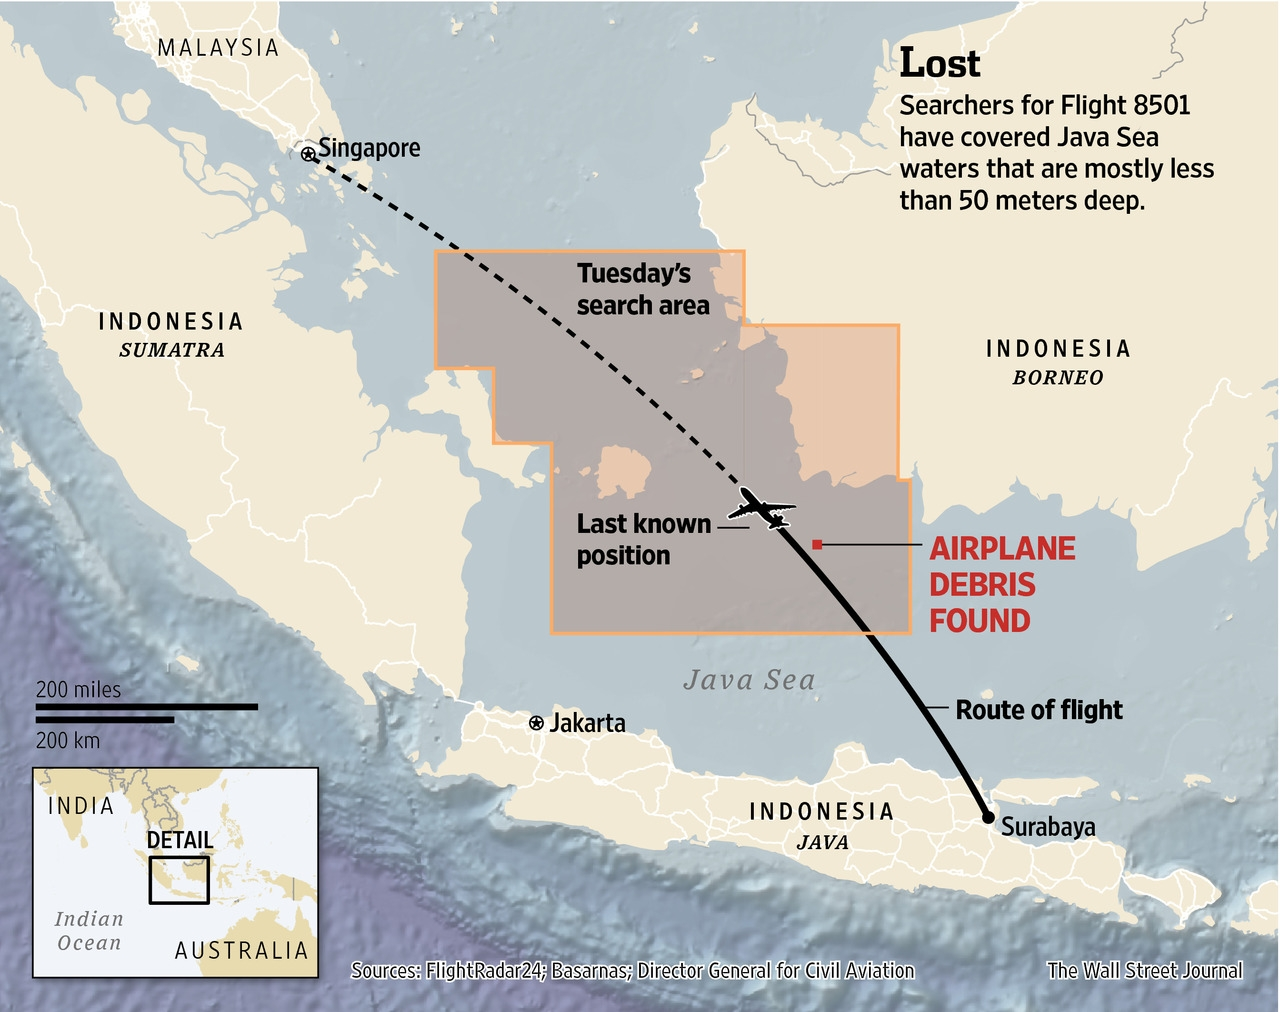 据twitter上网友消息,亚航另有一架客机在菲律宾长滩岛卡里波机场冲出